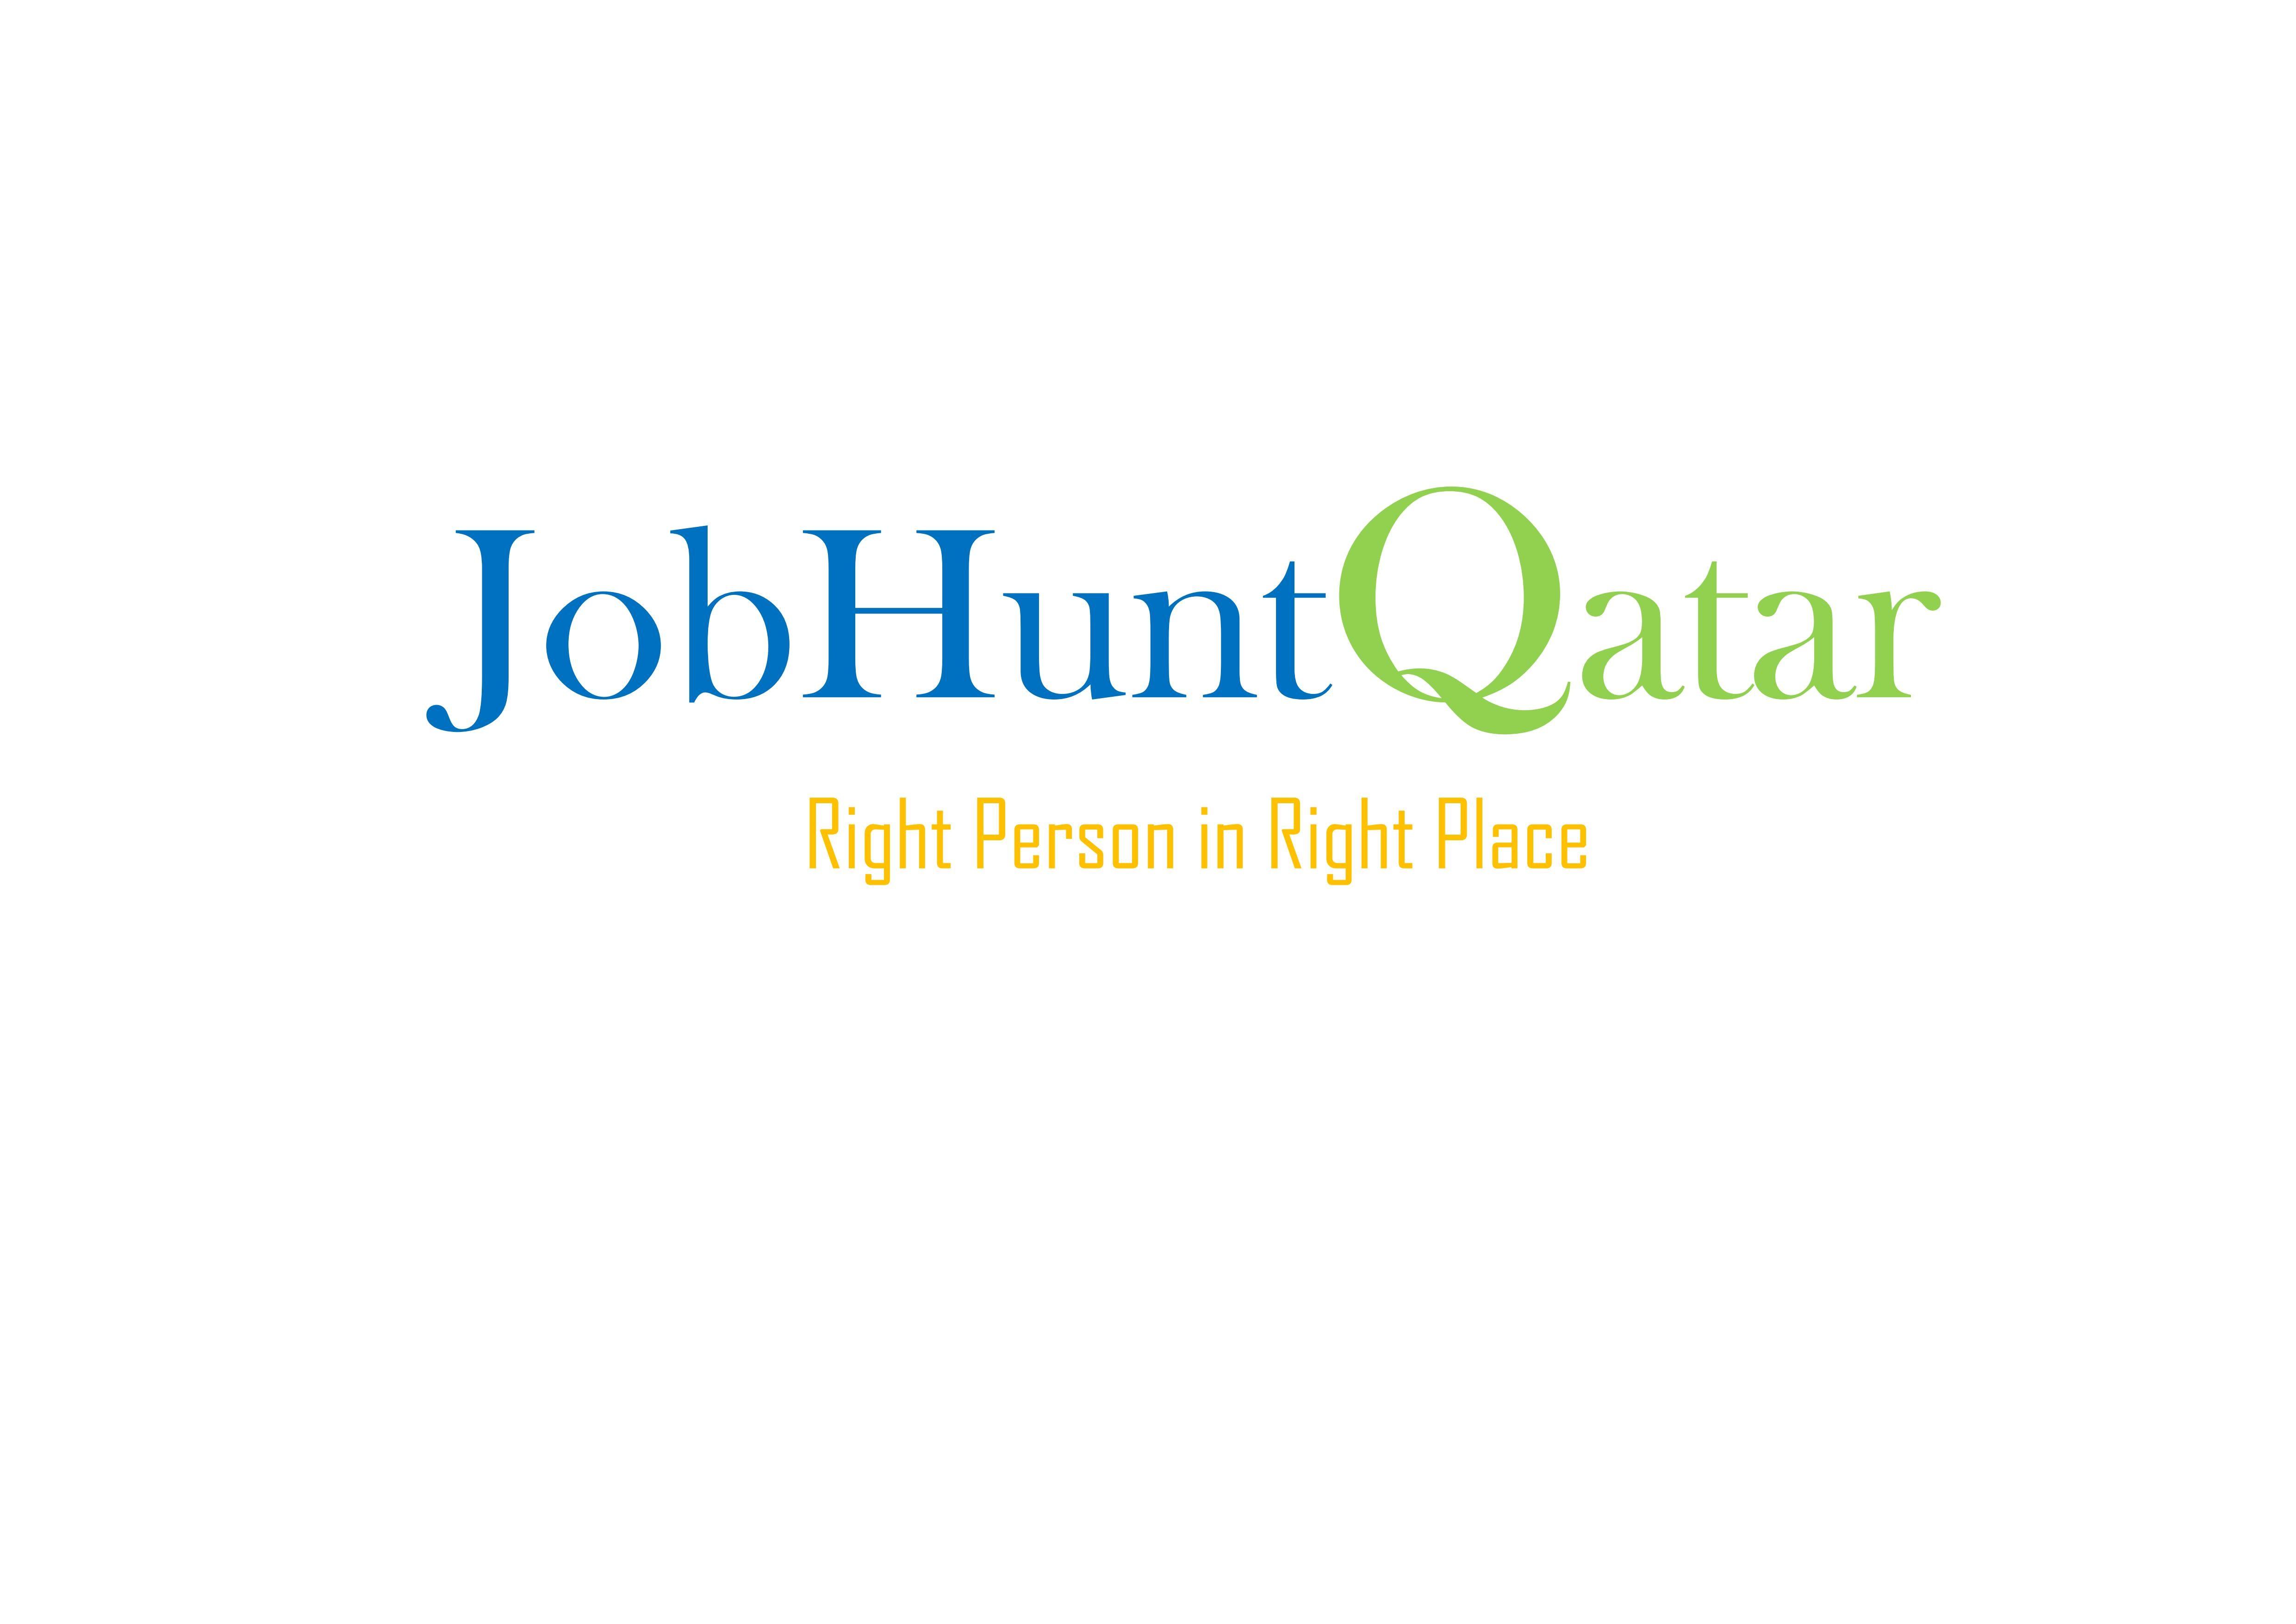 Job Hunt Qatar | LinkedIn